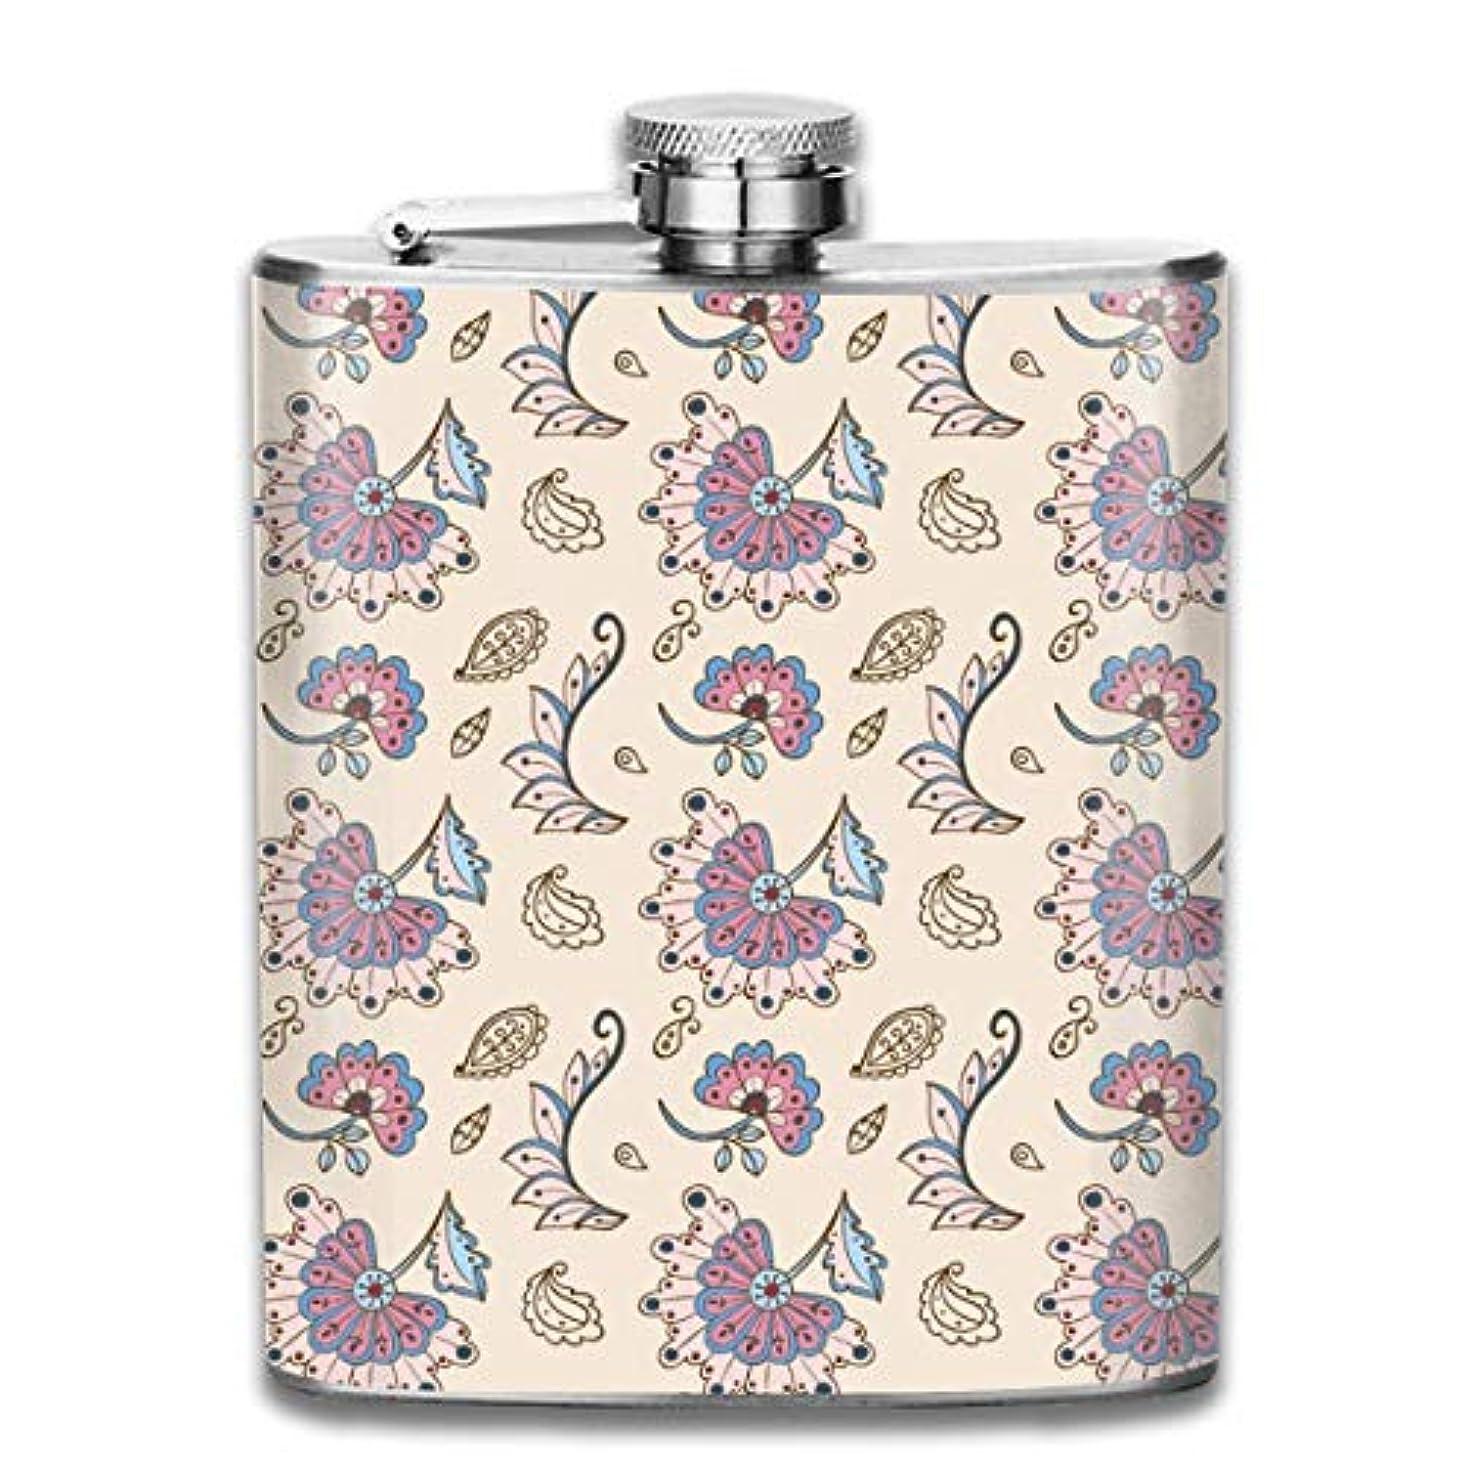 促進する離婚シャツ美しい葉と花フラスコ スキットル ヒップフラスコ 7オンス 206ml 高品質ステンレス製 ウイスキー アルコール 清酒 携帯 ボトル